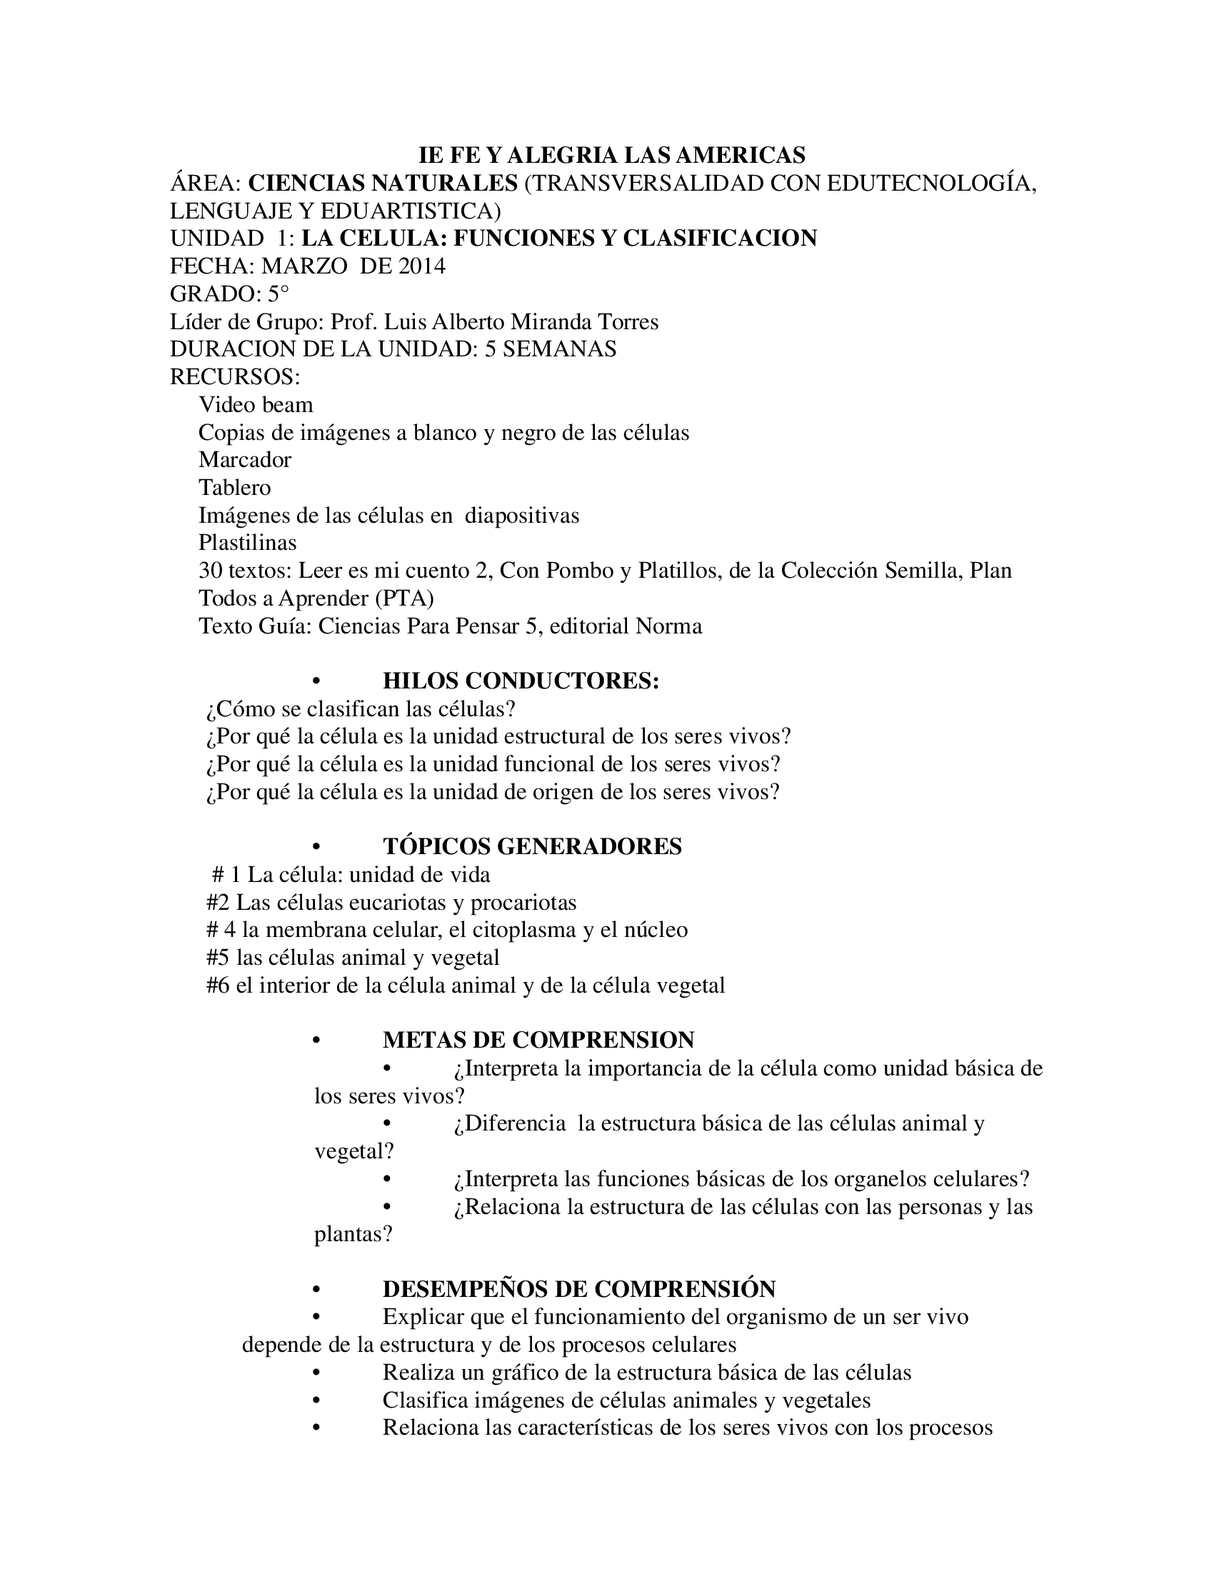 Calameo Ejemplo Para Planear Una Clase Con La Estrategia Ensenanza